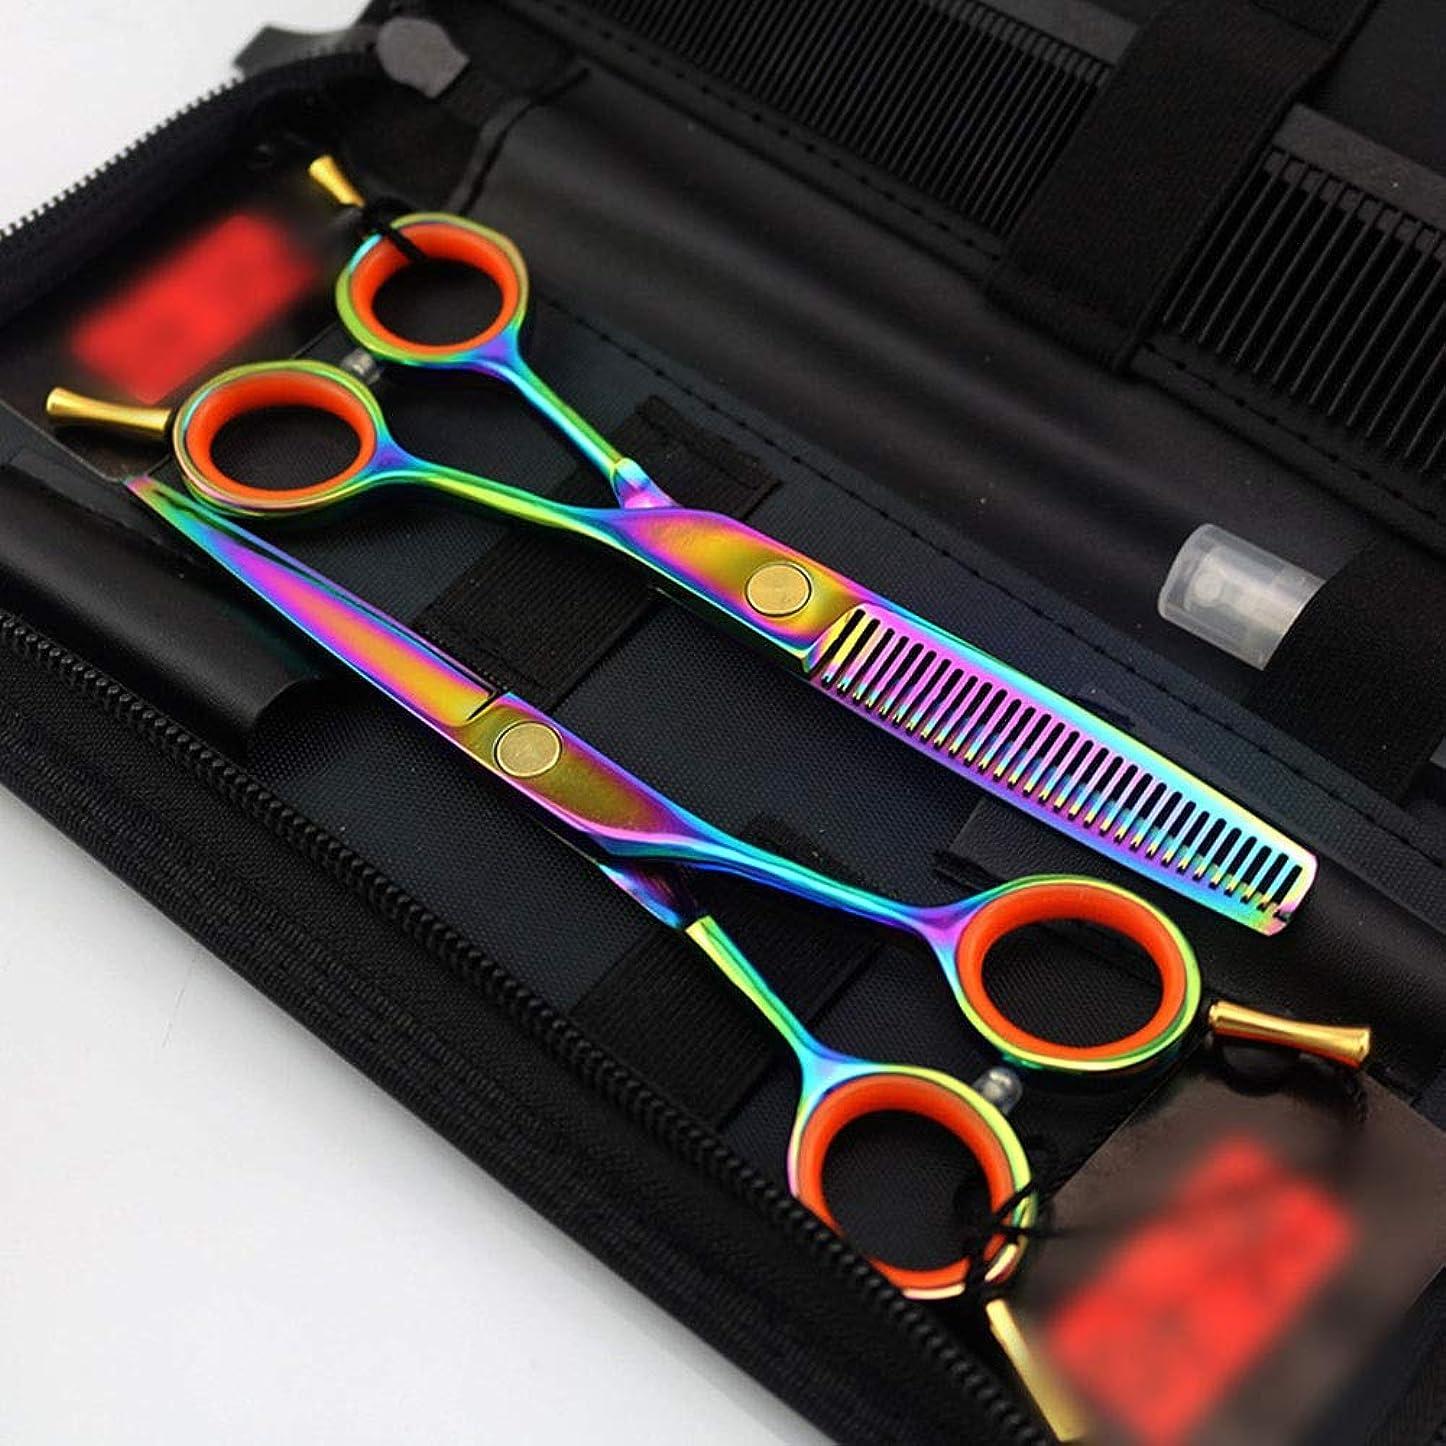 熱意スーパーマーケット顔料Keriya Sende 5.5インチ両側髪はさみセット理髪はさみセットフラットせん断+歯はさみ (色 : Colors)